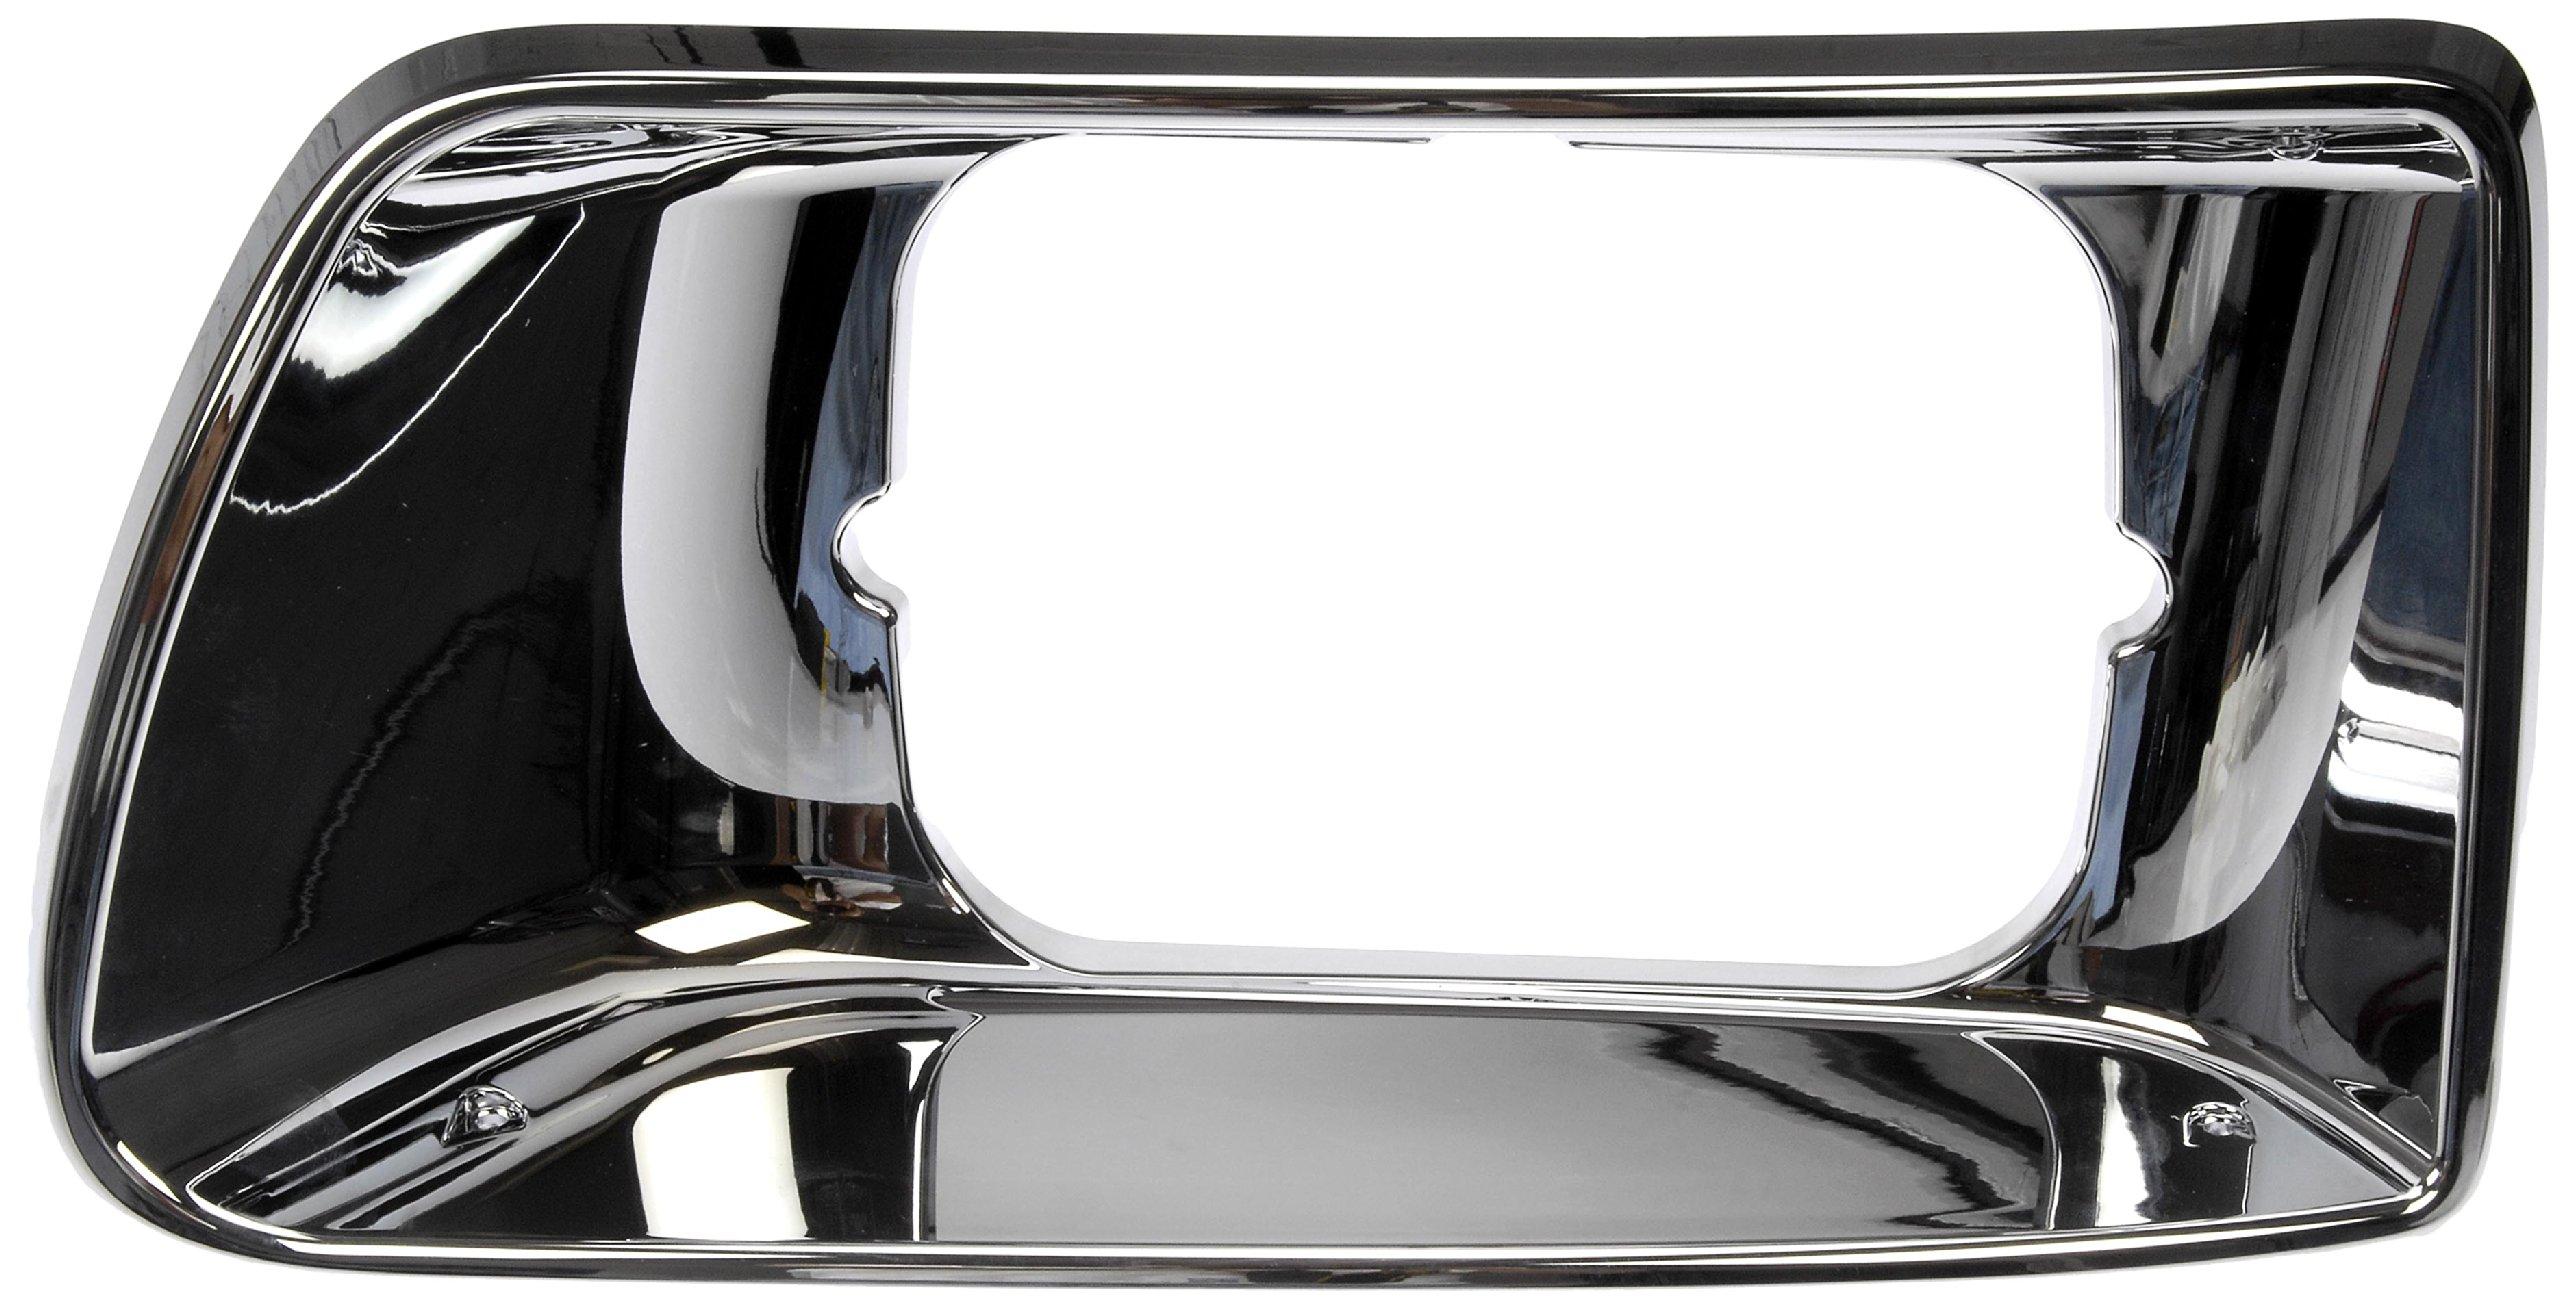 Dorman 889-5406 Kenworth Driver Side Headlight Bezel by Dorman